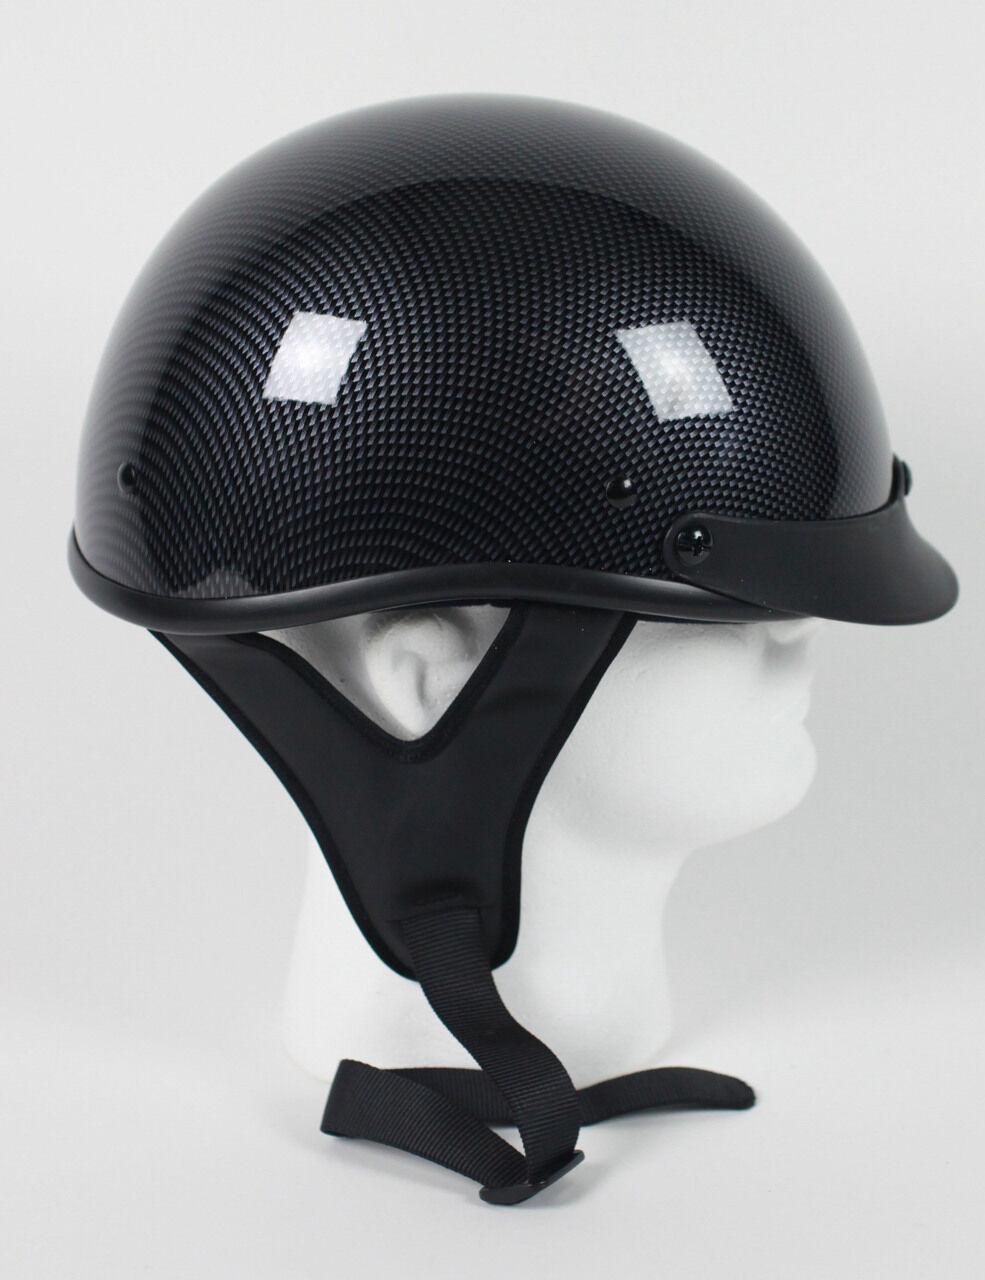 Helmet sex selene pornostar actress